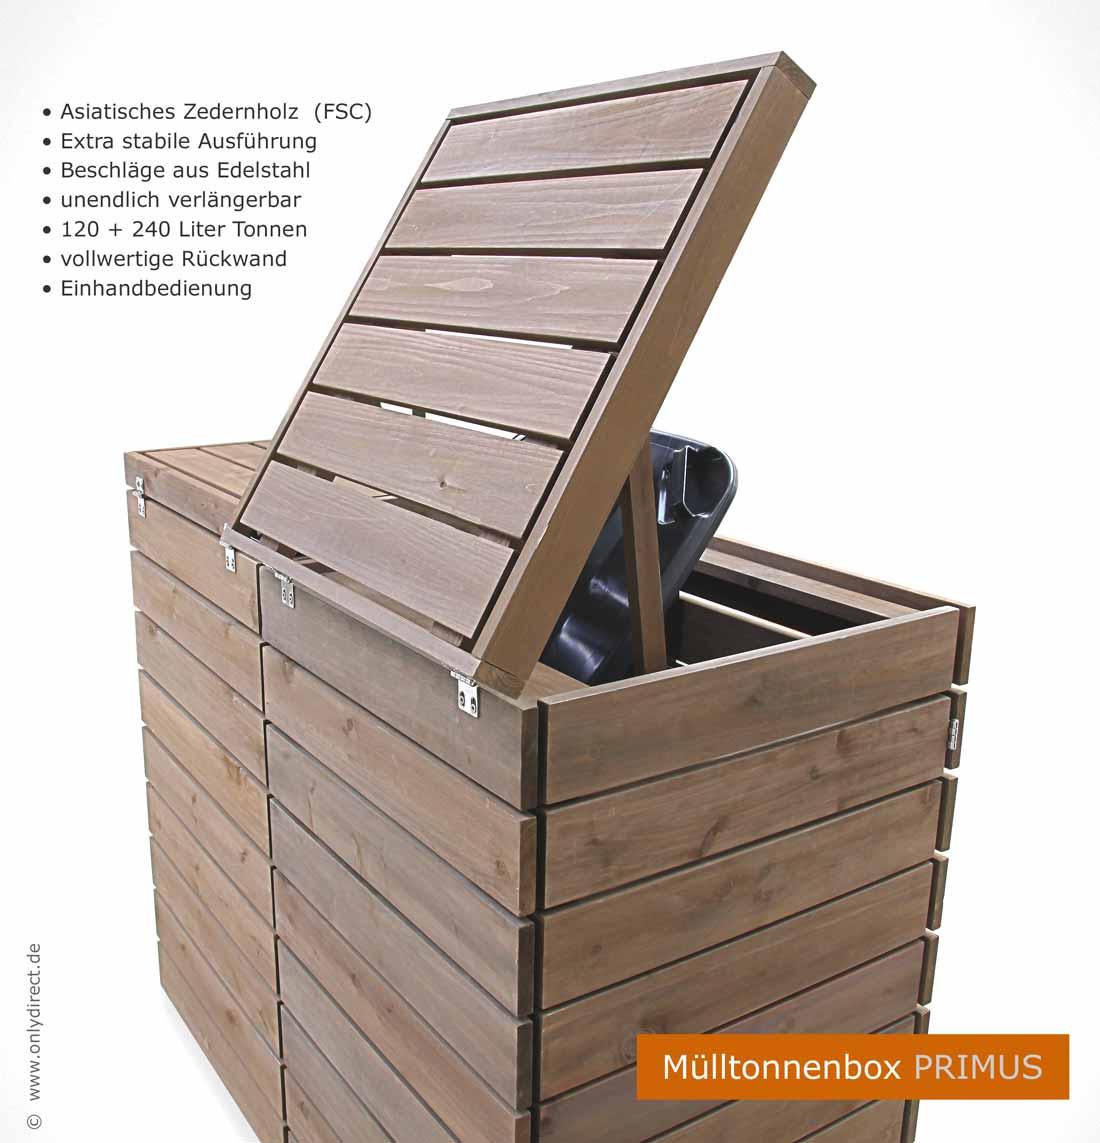 friesenbank-shop - bin box classic untreadet wood - kopie - kopie